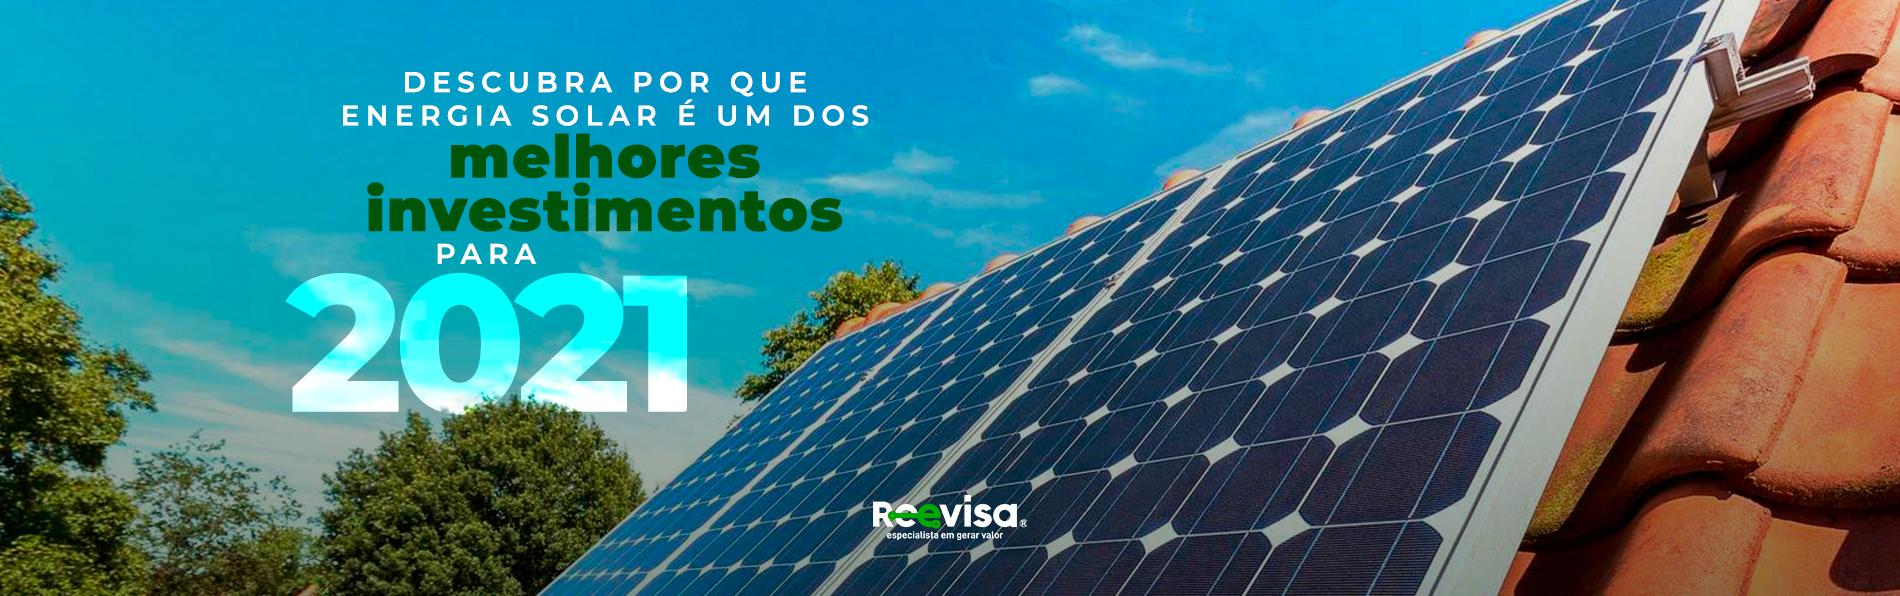 Descubra por que investir em energia solar é uma das melhores ações